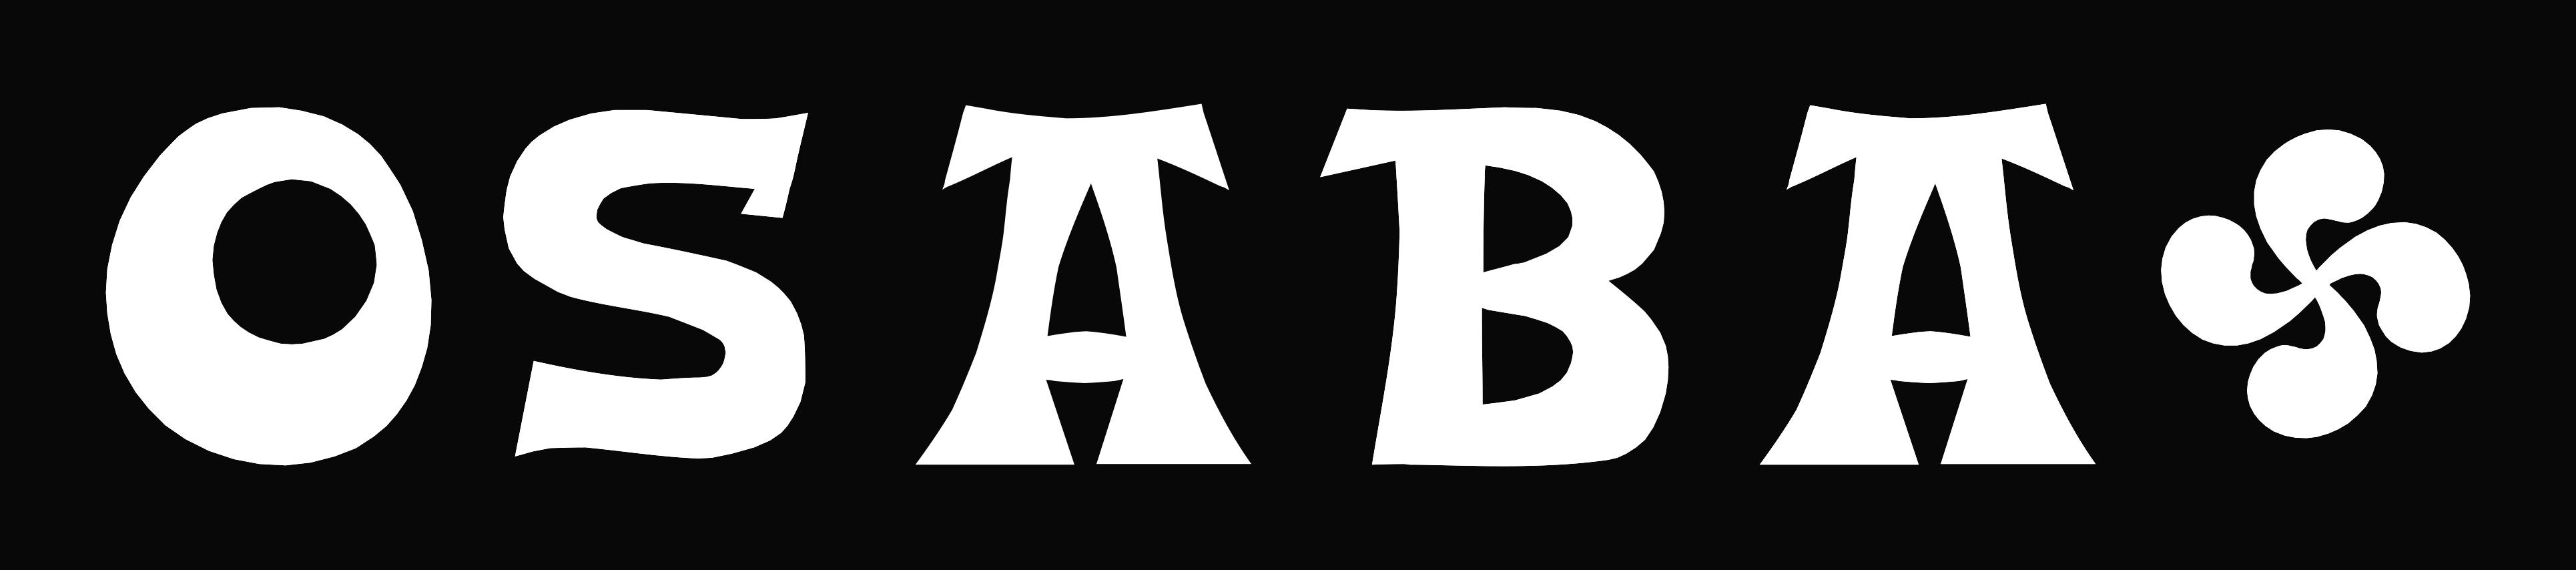 Osaba_logo